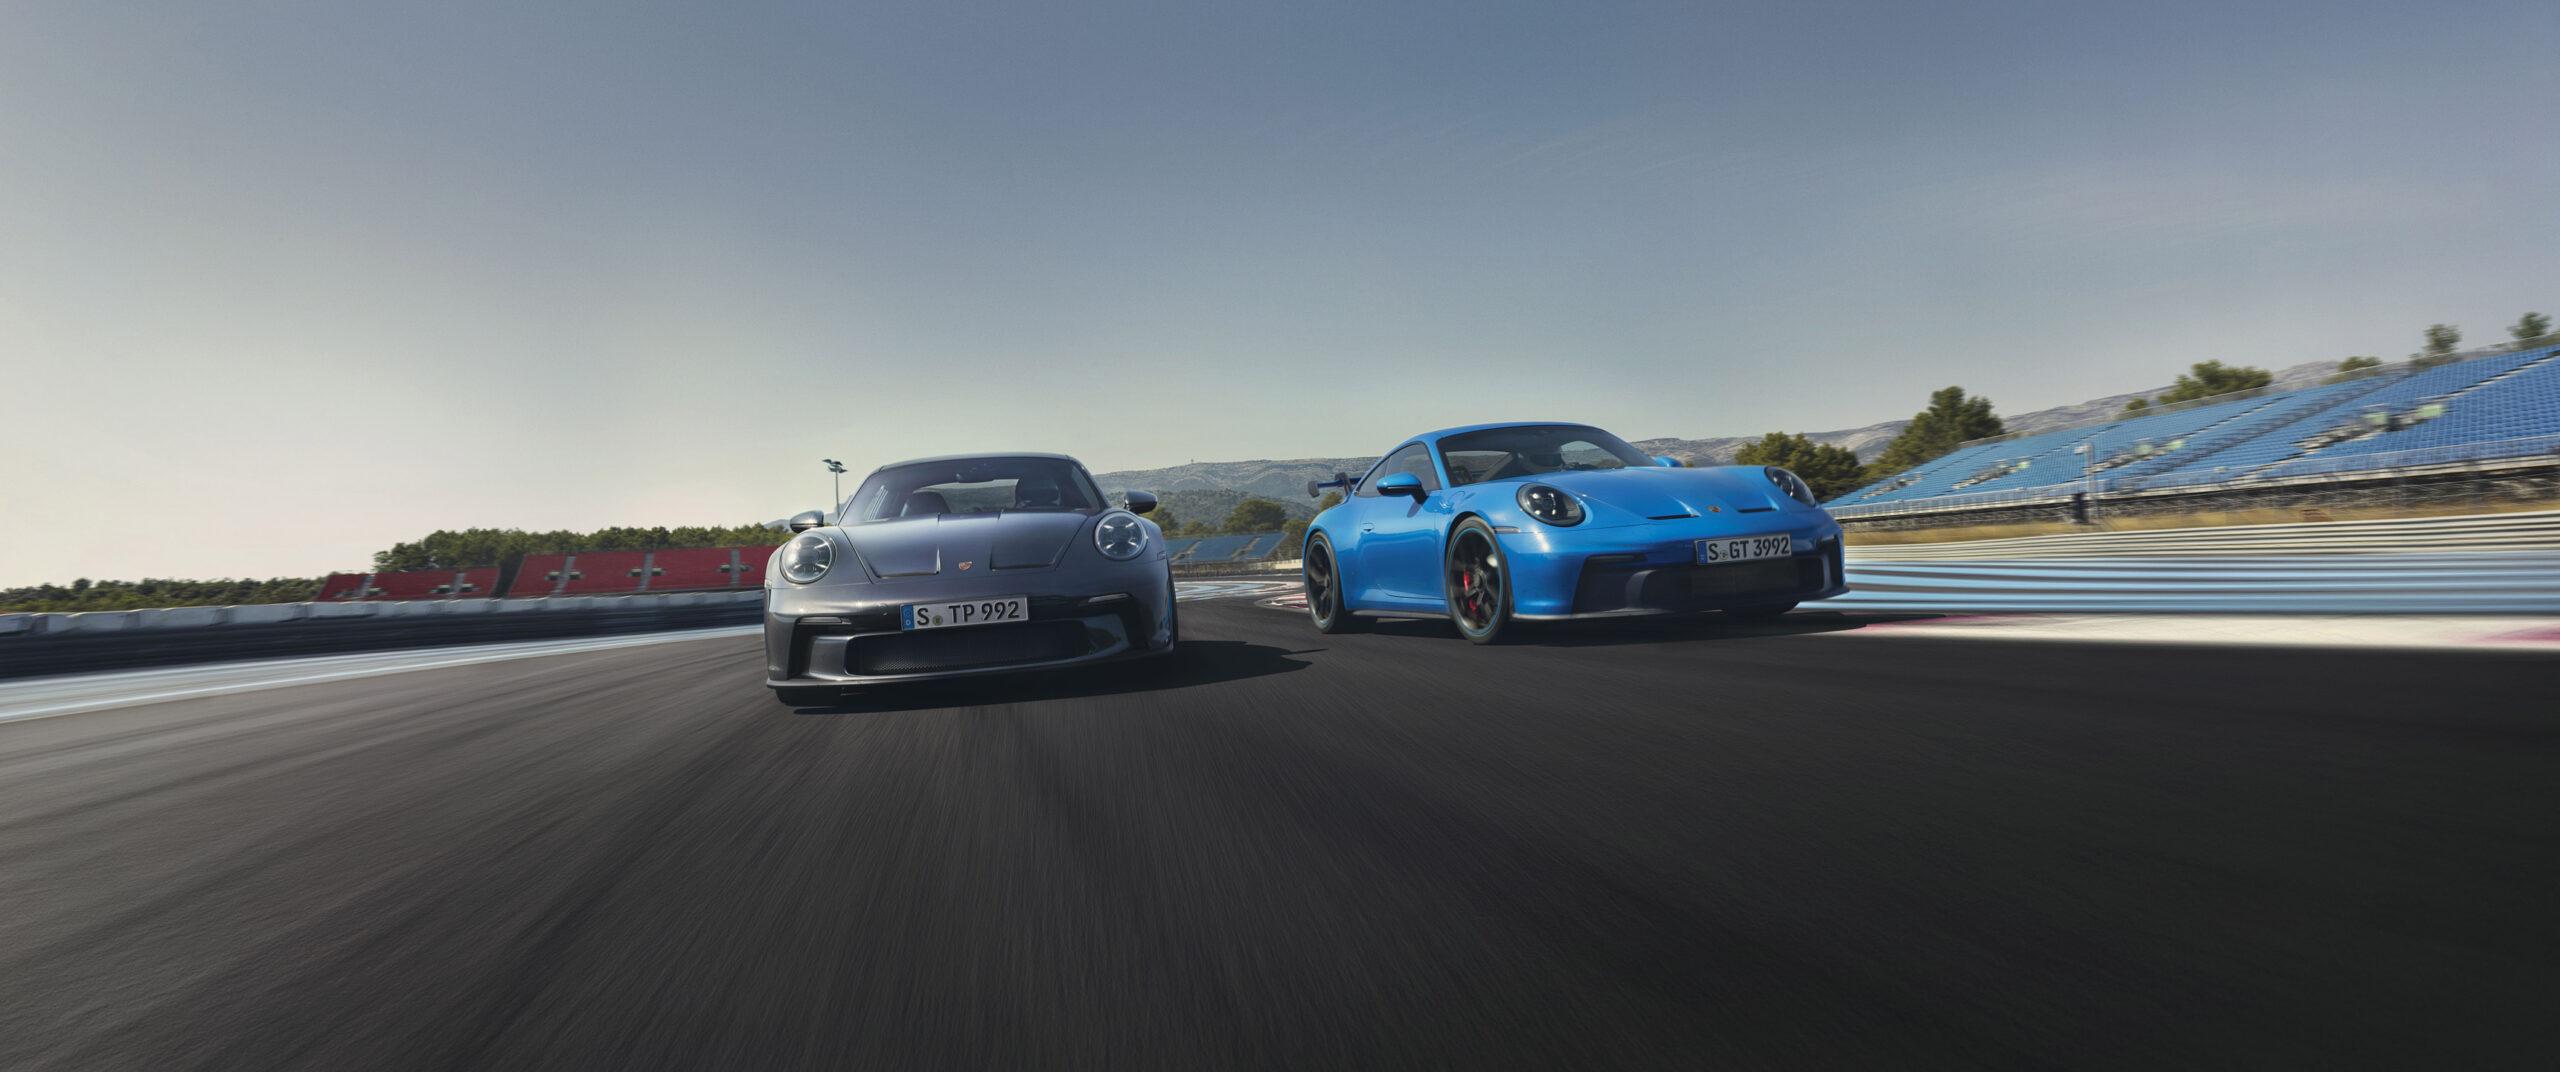 Porsche 911 GT3 and GT3 Touring